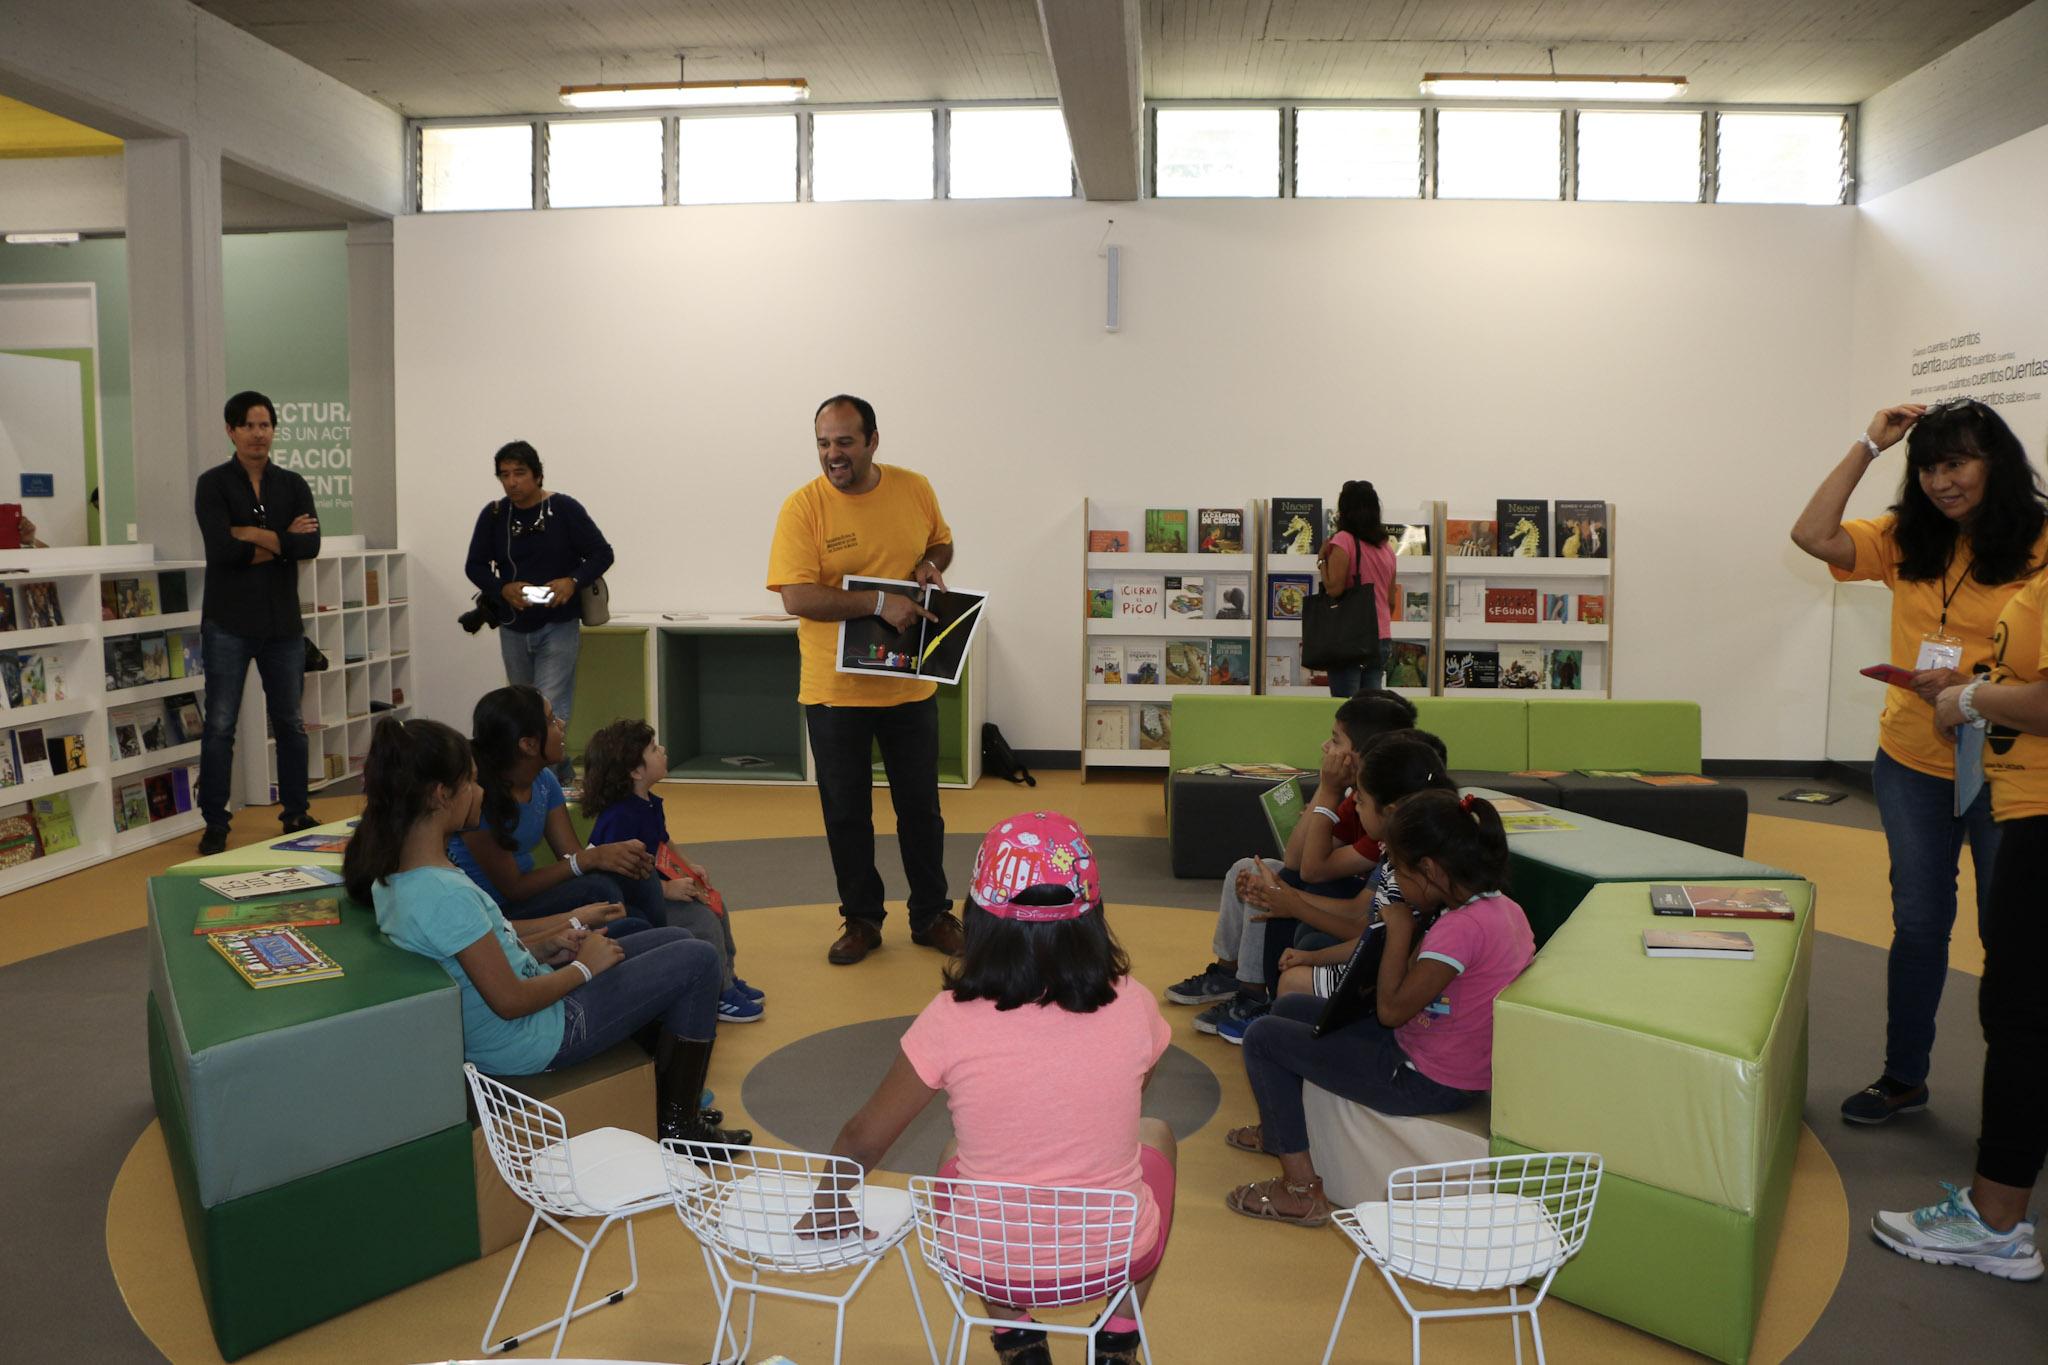 El CEFL ofrecerá talleres para niños y jóvenes como parte de su agenda de verano